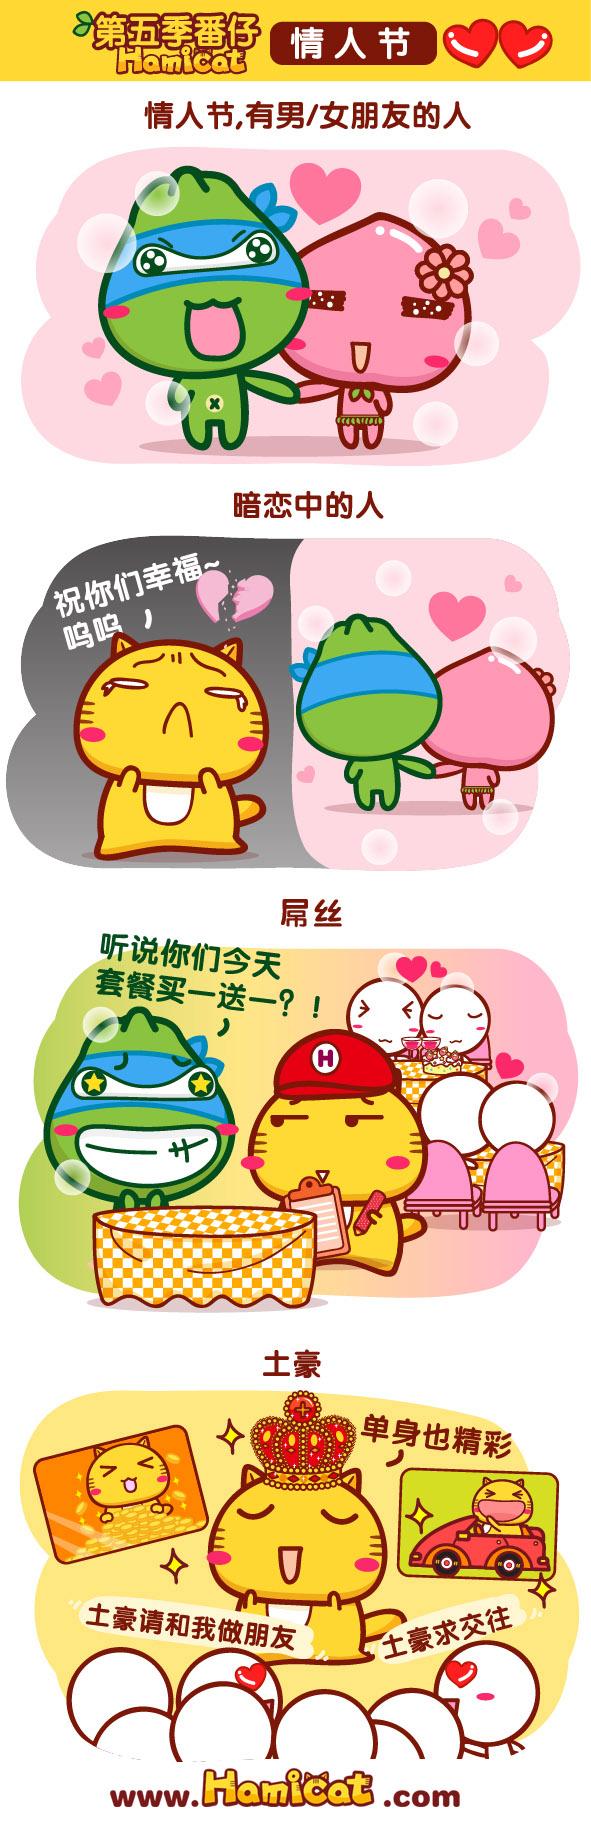 健力宝x哈咪猫漫画2月-01.jpg